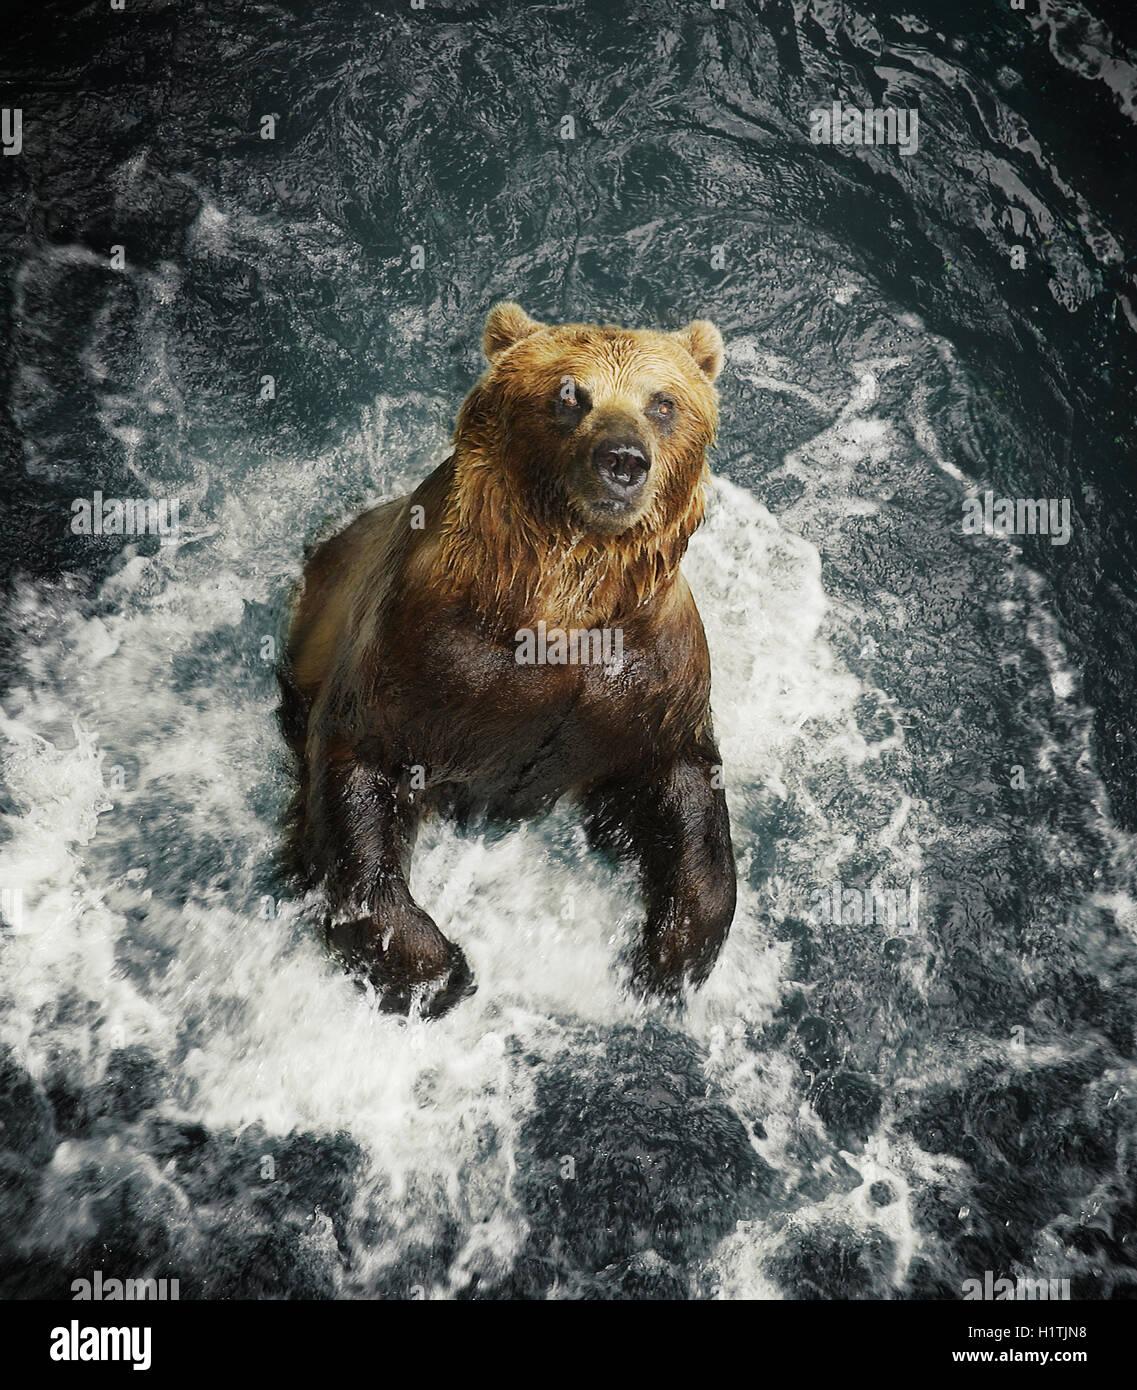 Un oso grizzly las salpicaduras de agua. Imagen De Stock